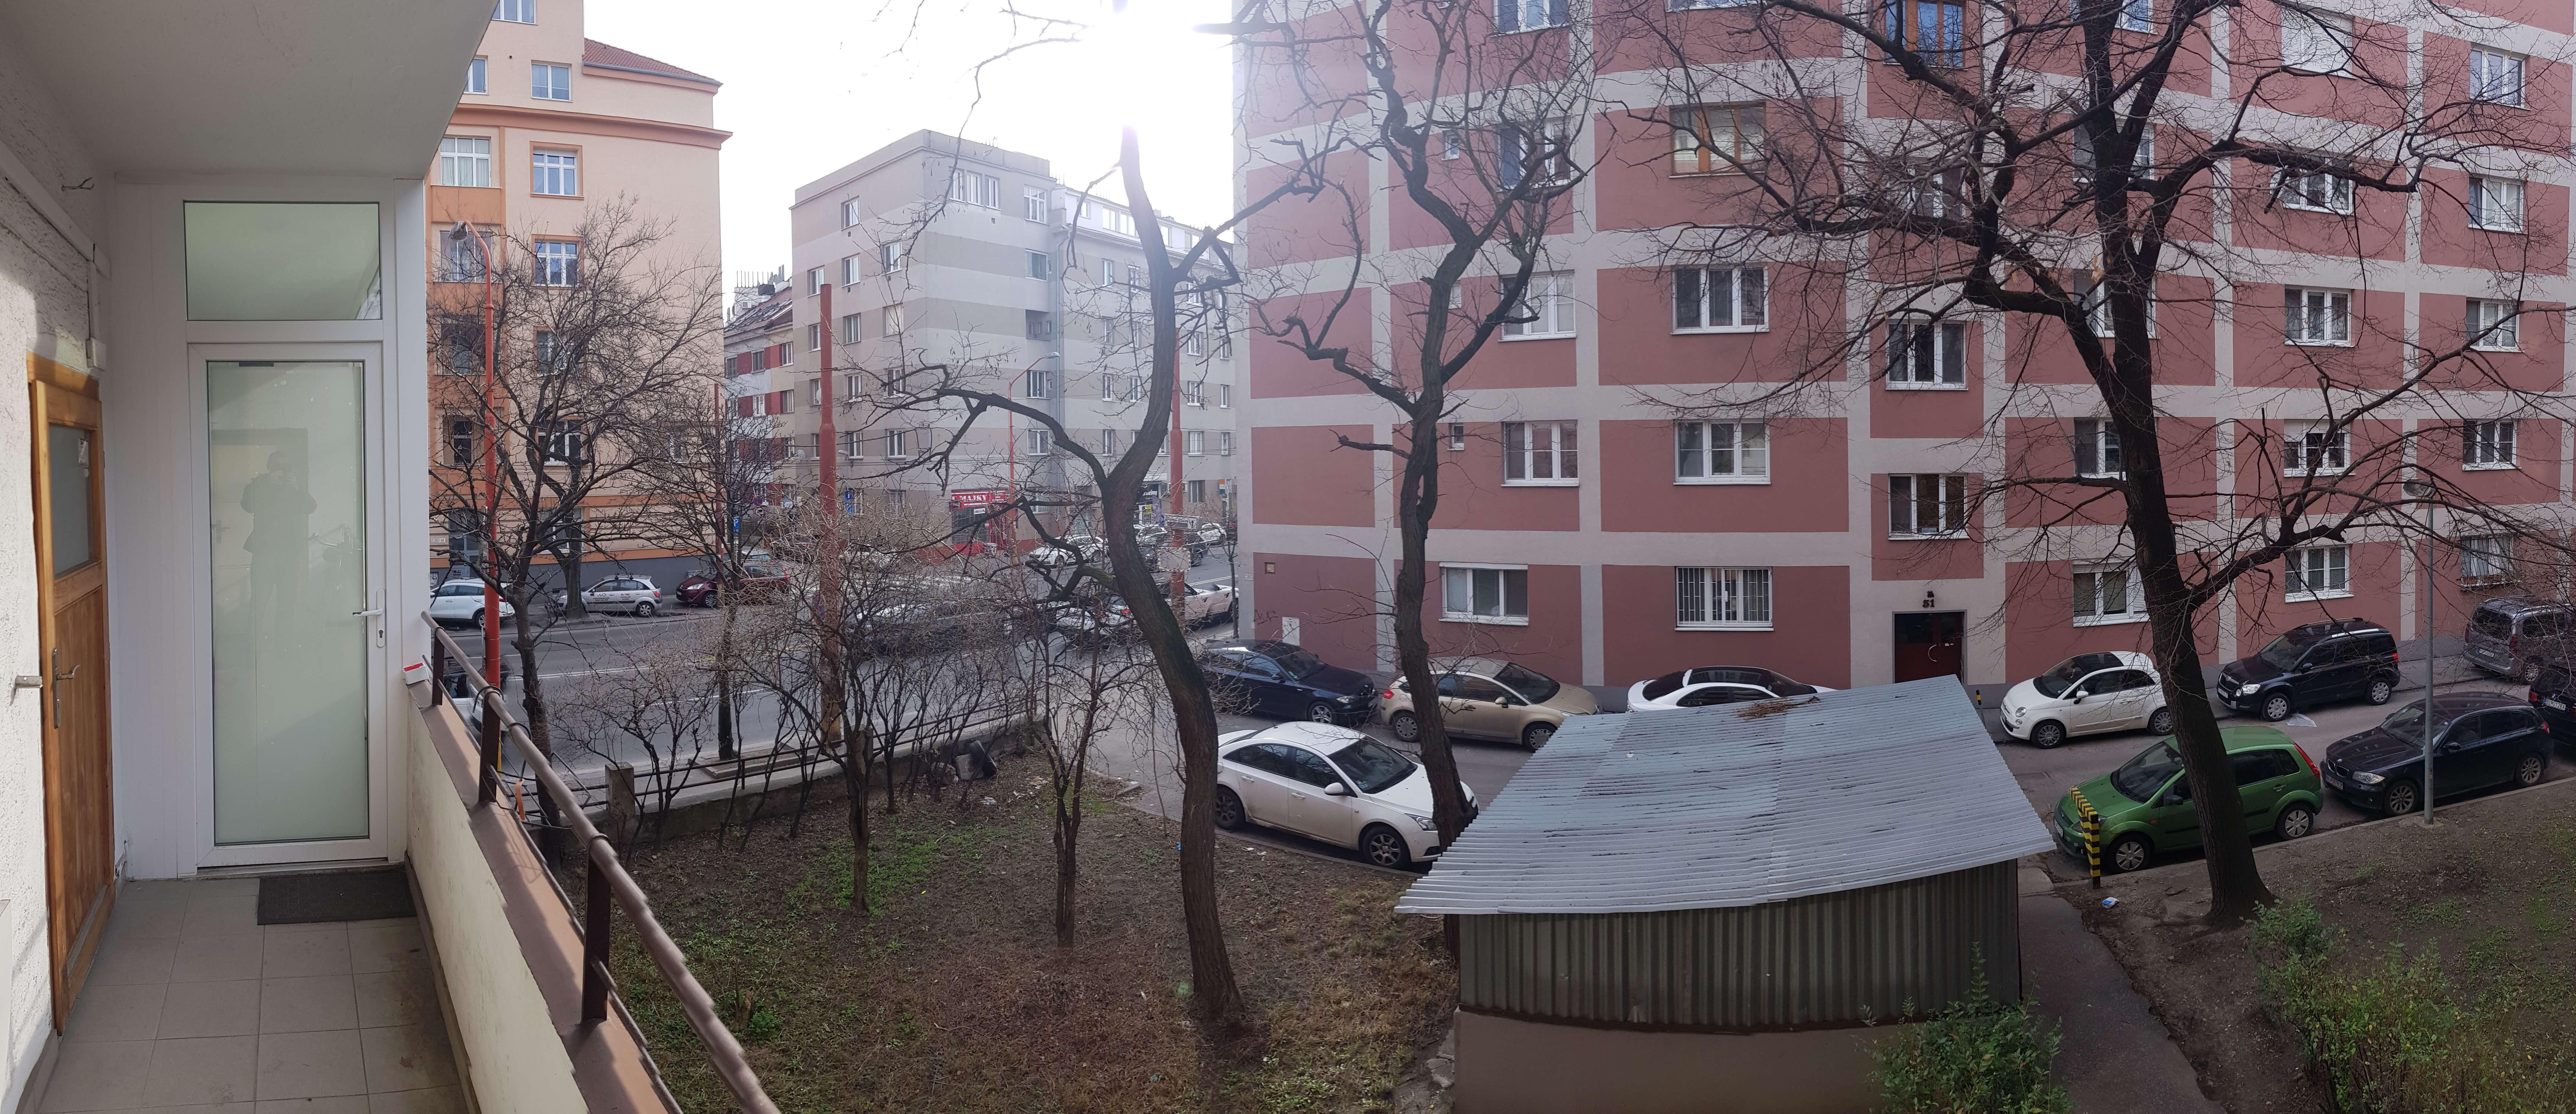 Predaj exkluzívneho 2 izb. bytu, staré mesto, Šancová ulica, Bratislava, 75m2, kompletne zariadený-41